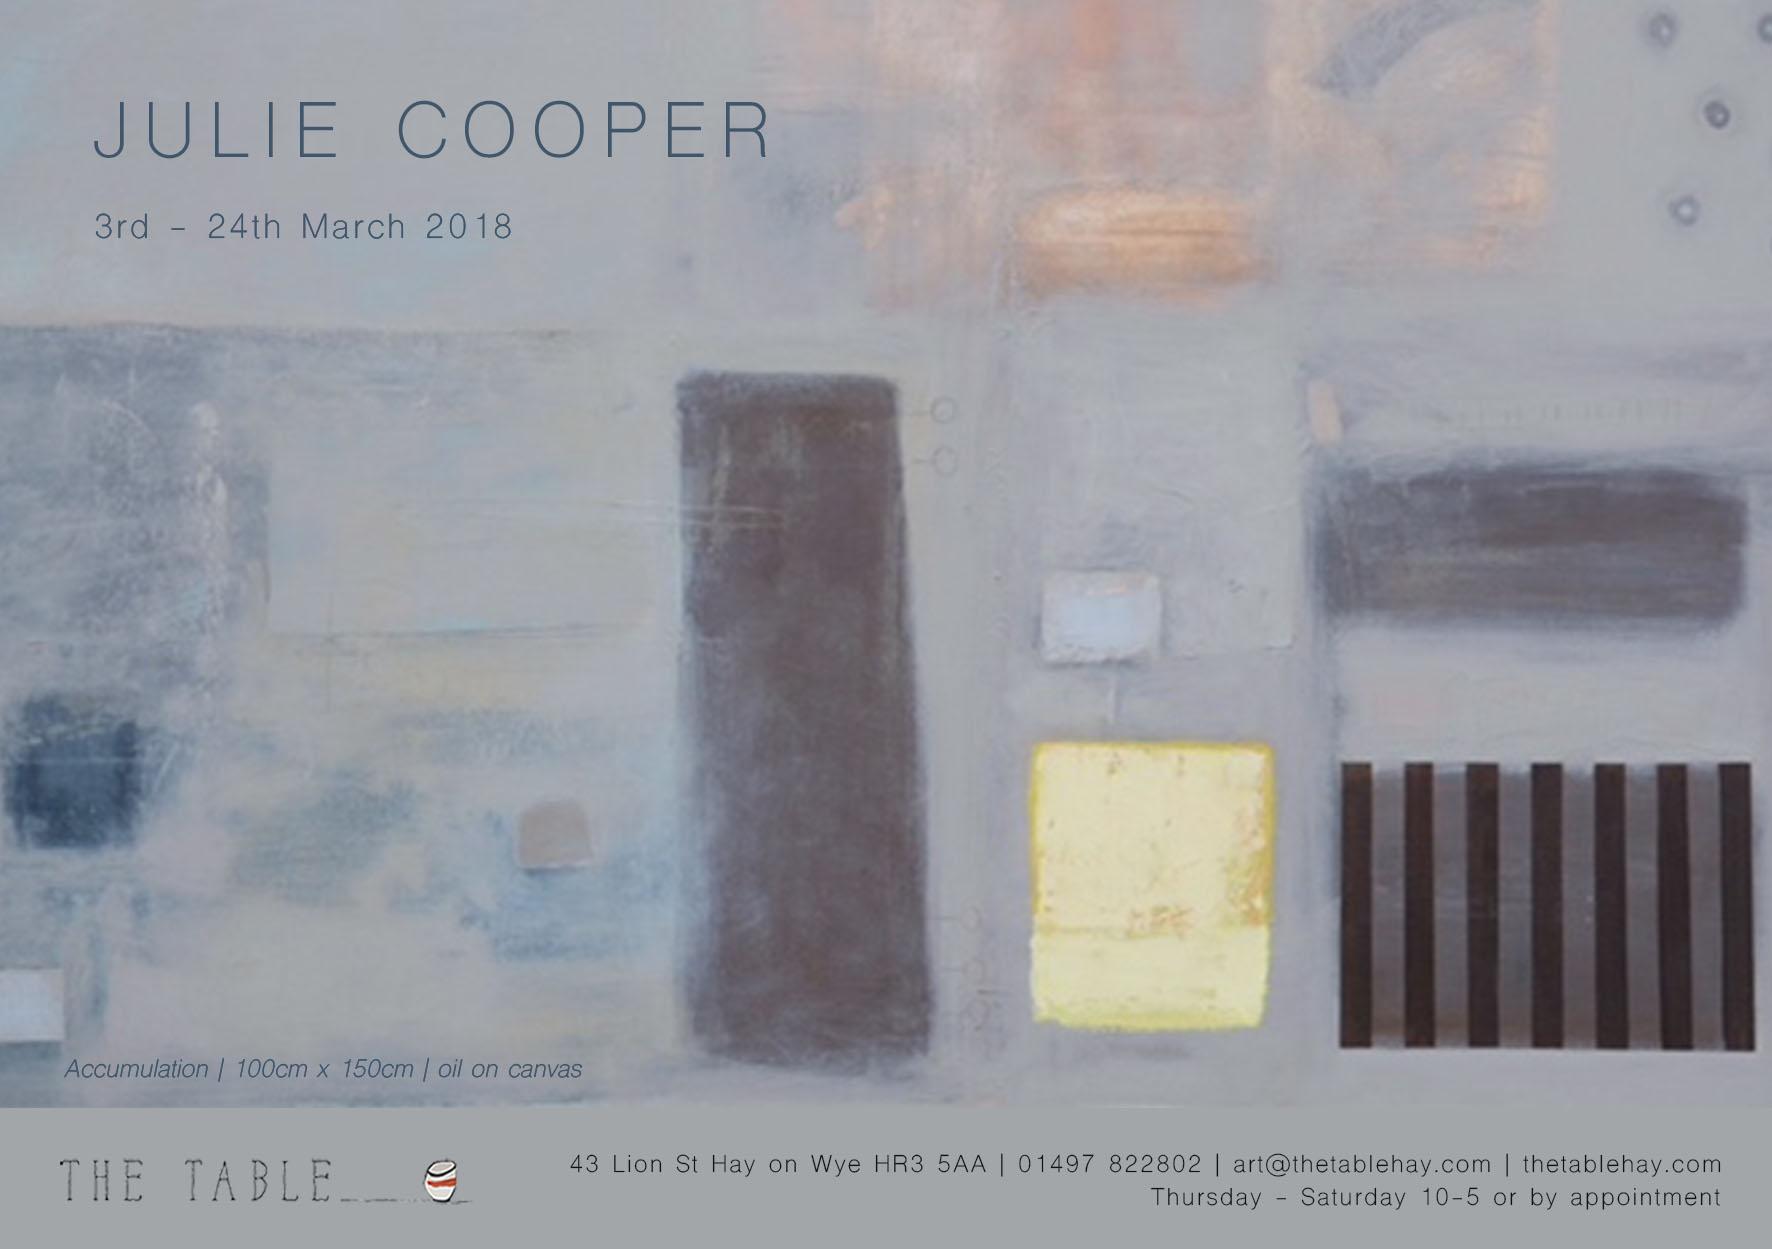 Julie Cooper Invite, Jan 18.JPG